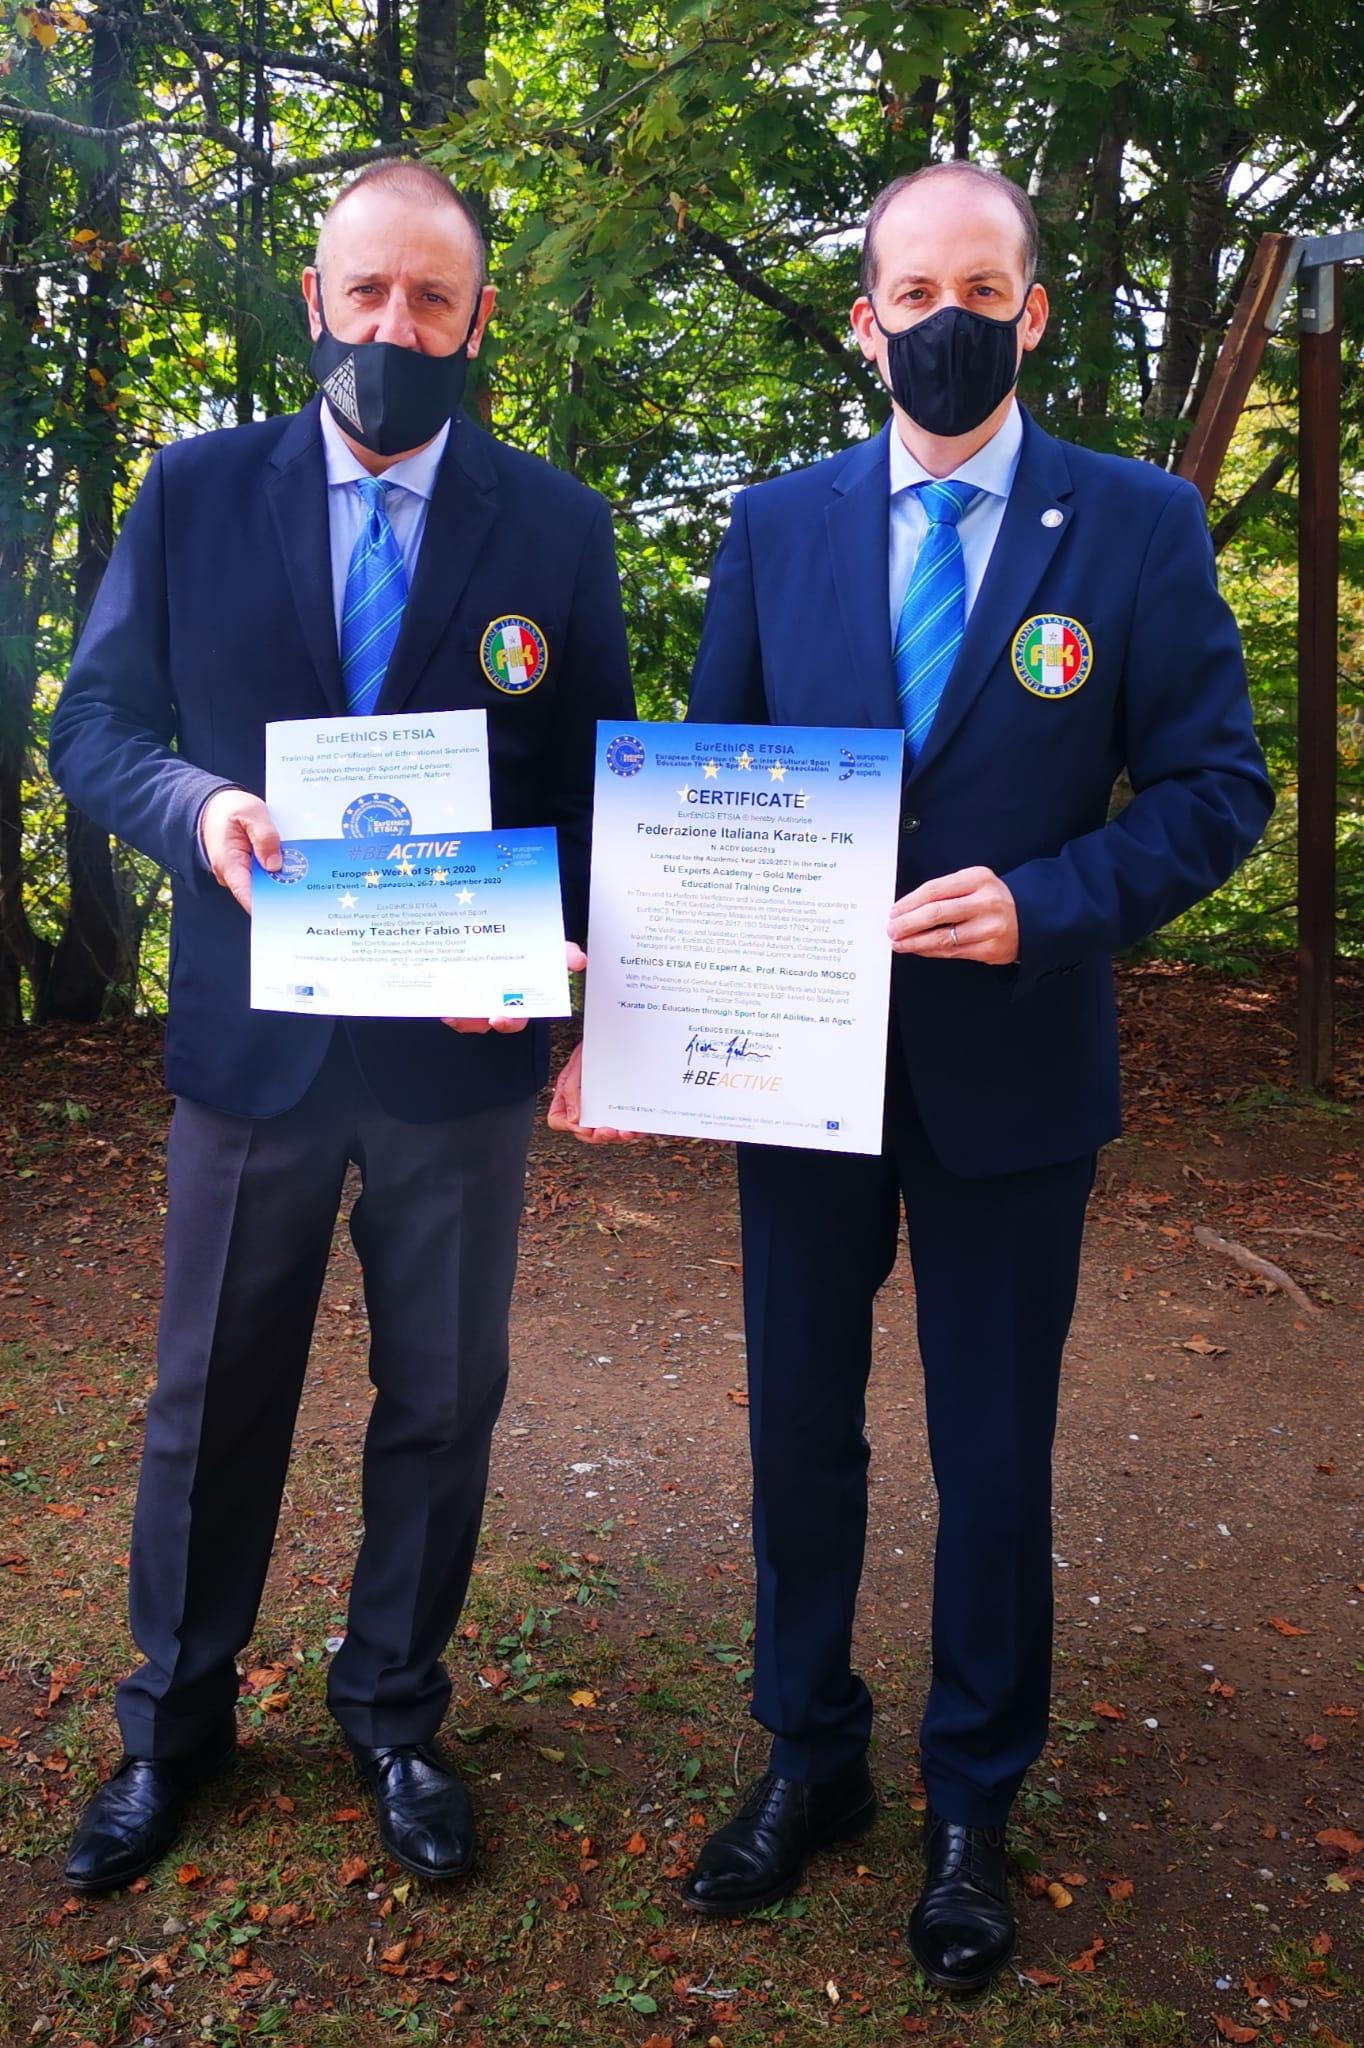 Certificazione Europea di Accademia Europea alla FIK